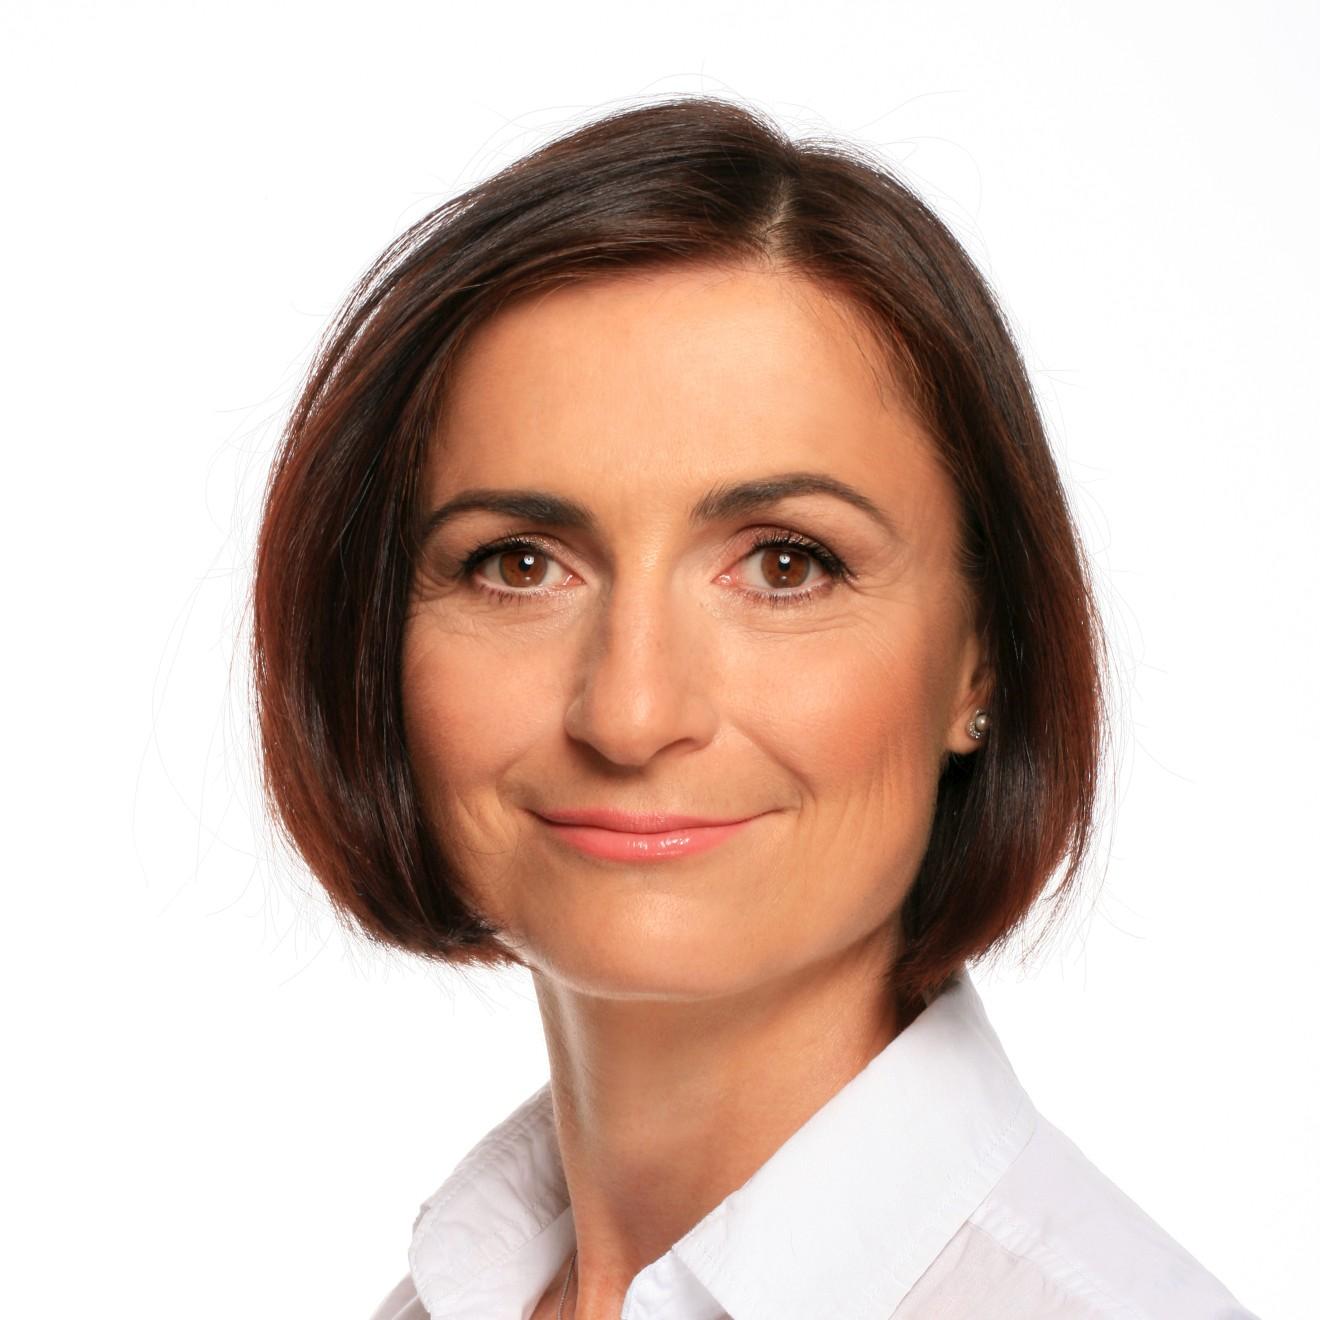 MUDr. Alena Košťáková